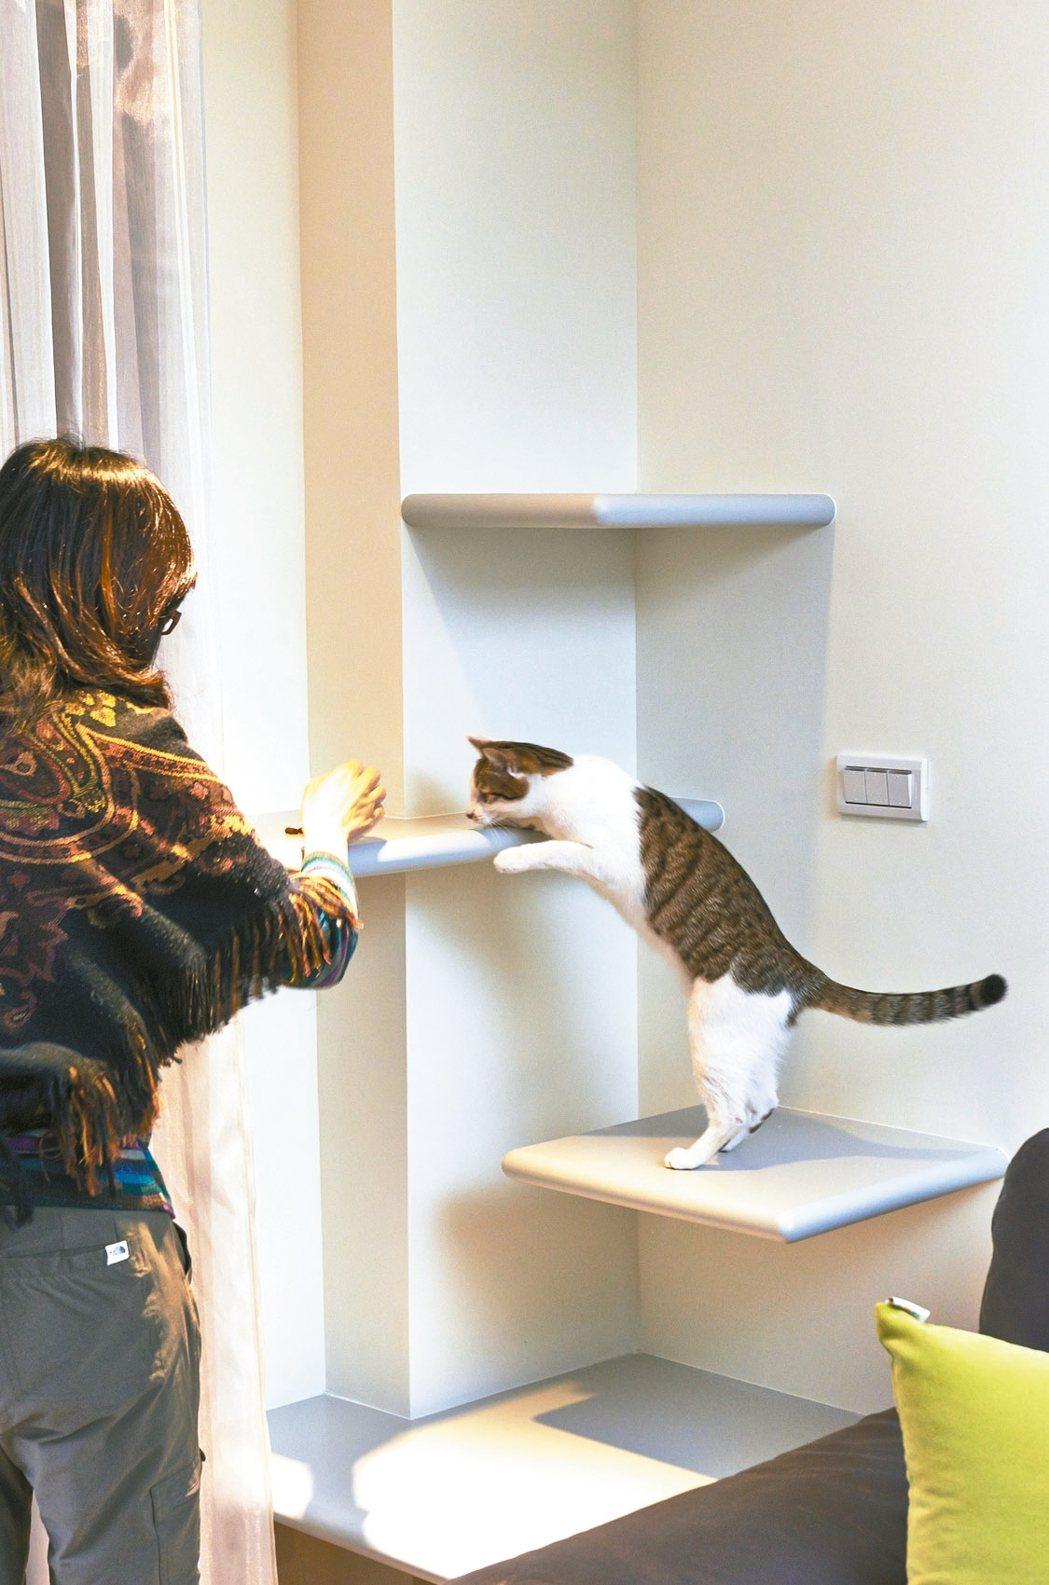 書櫃結合跳台、貓抓柱或貓屋,讓貓咪在家穿梭遊戲。 信義居家/提供